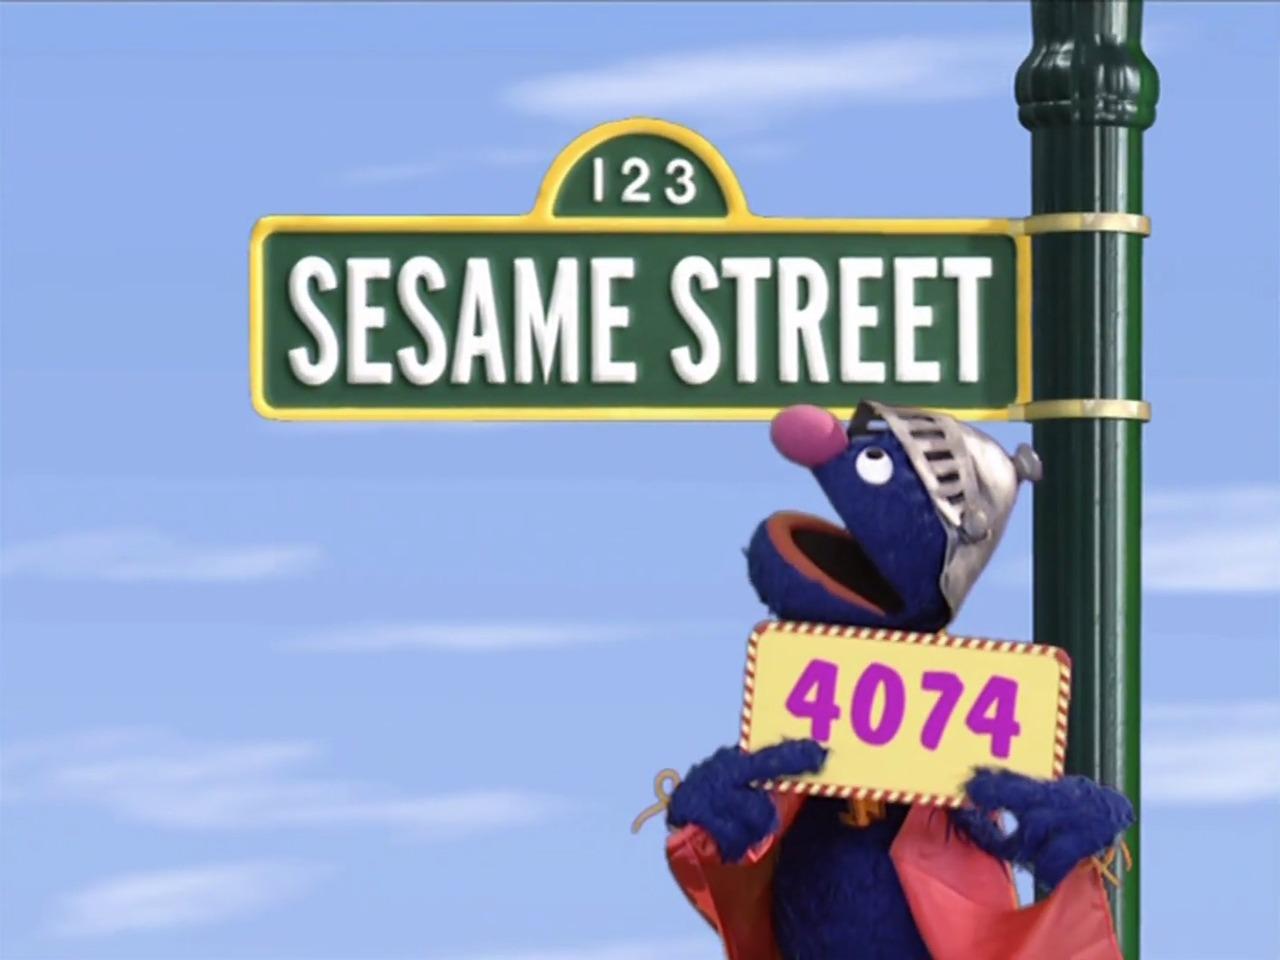 Episode 4074 Muppet Wiki